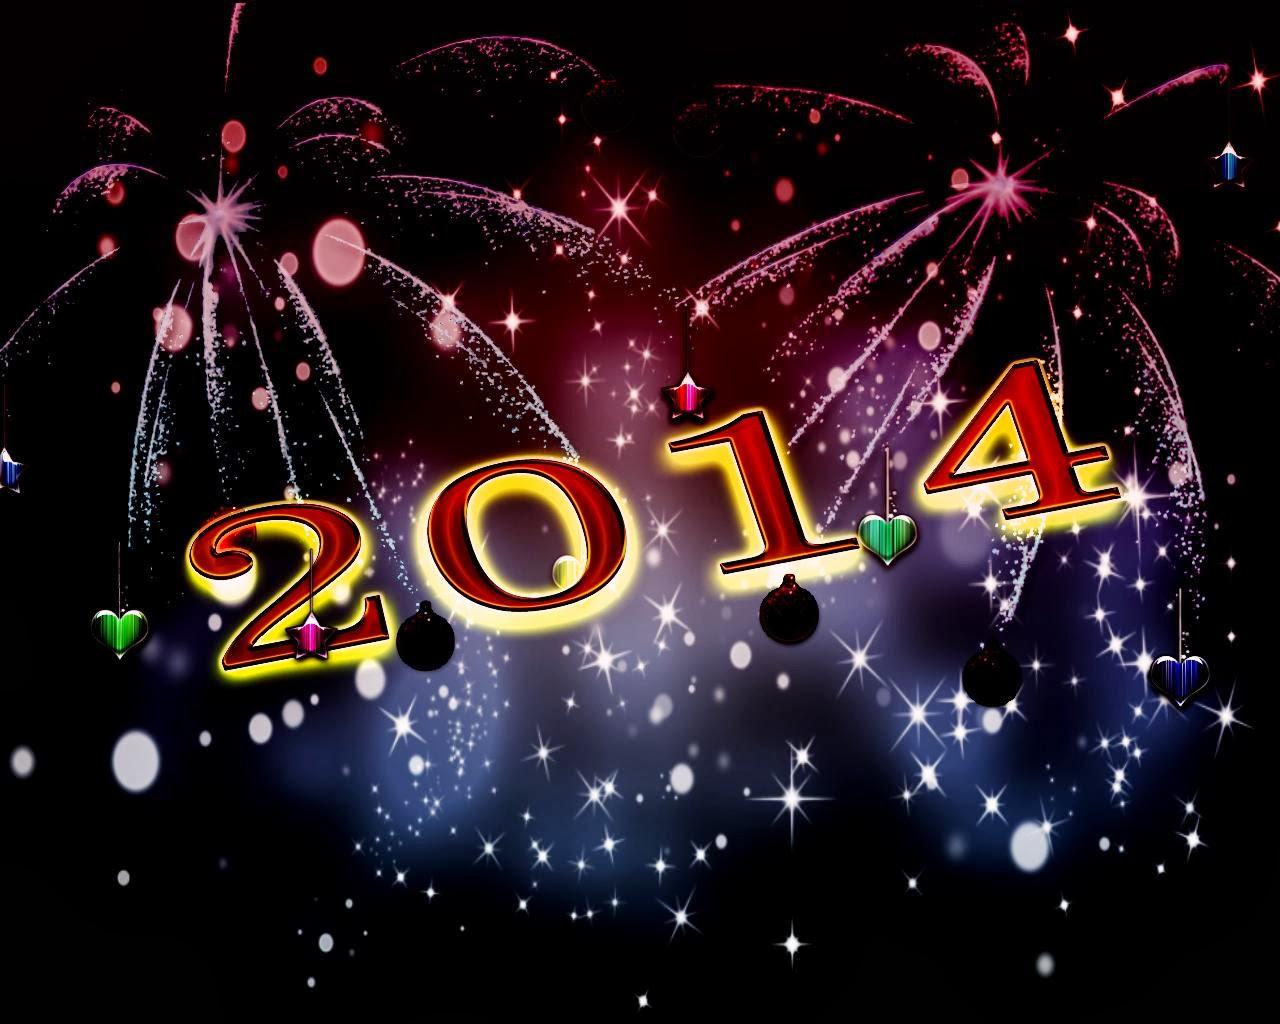 Fondos De Pantalla HD De Año Nuevo 2014